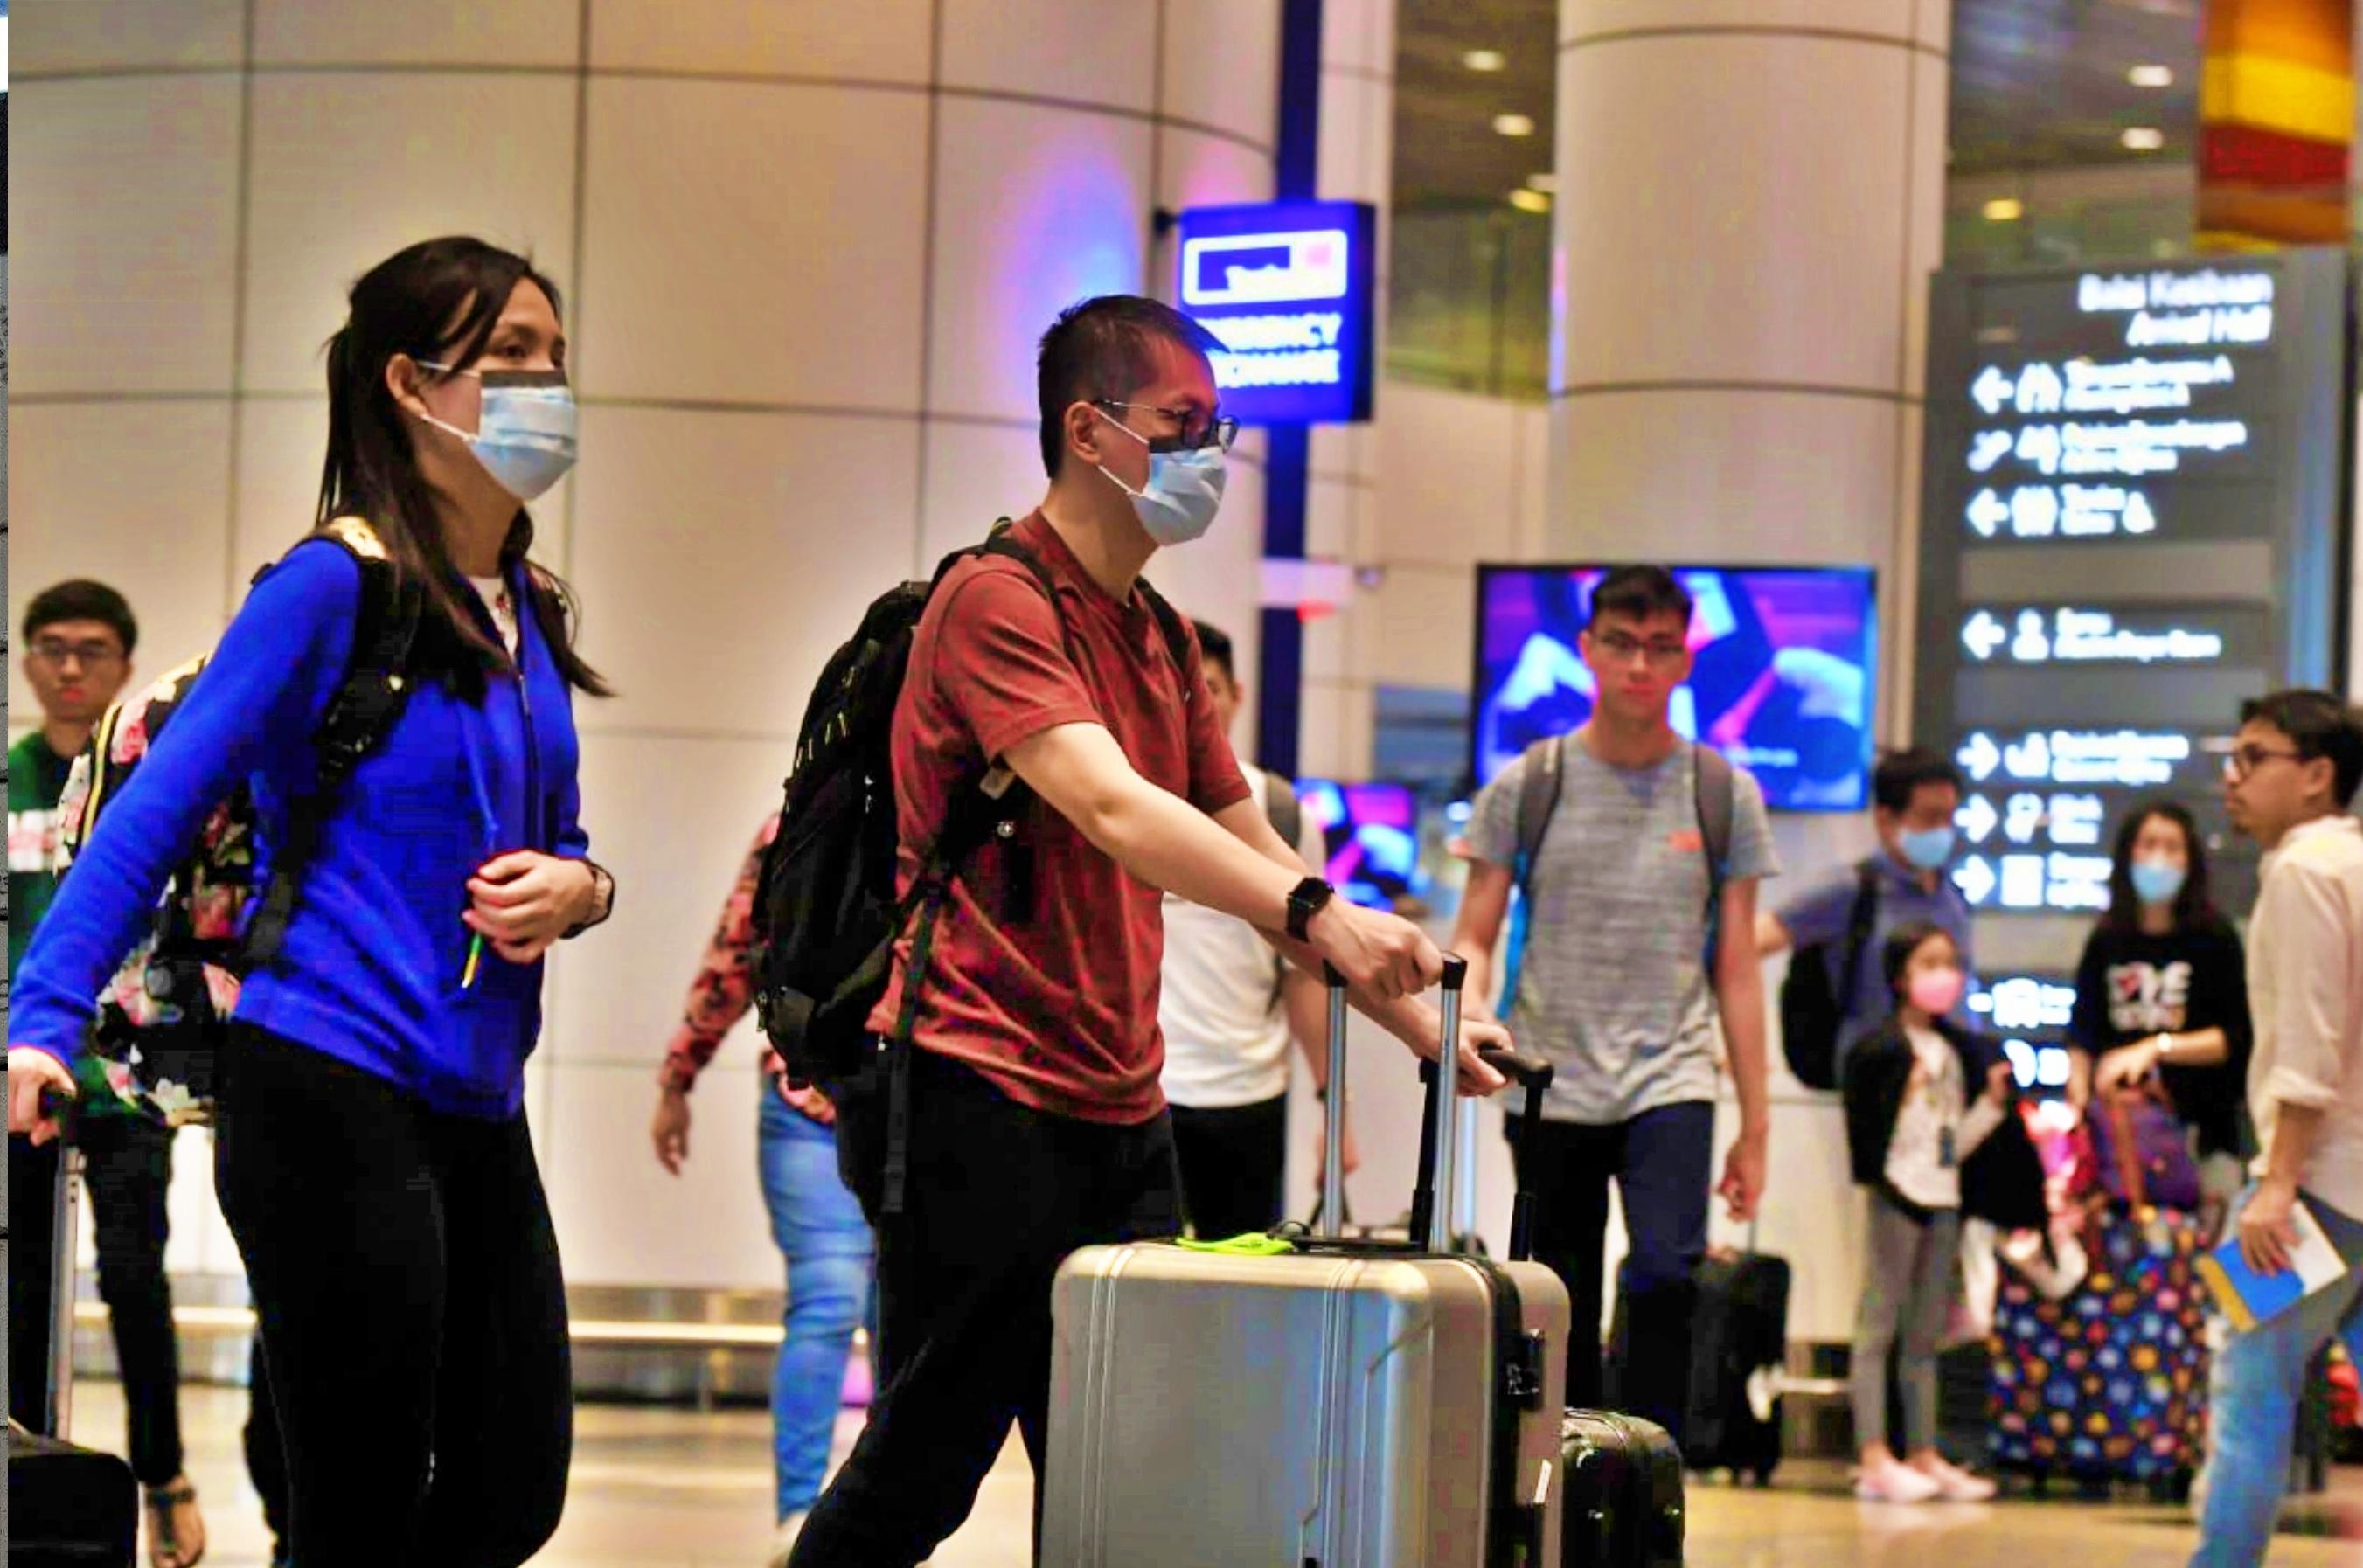 말레이시아 여행 입국, 교통, 음식, 공항 정보, 현황 정리